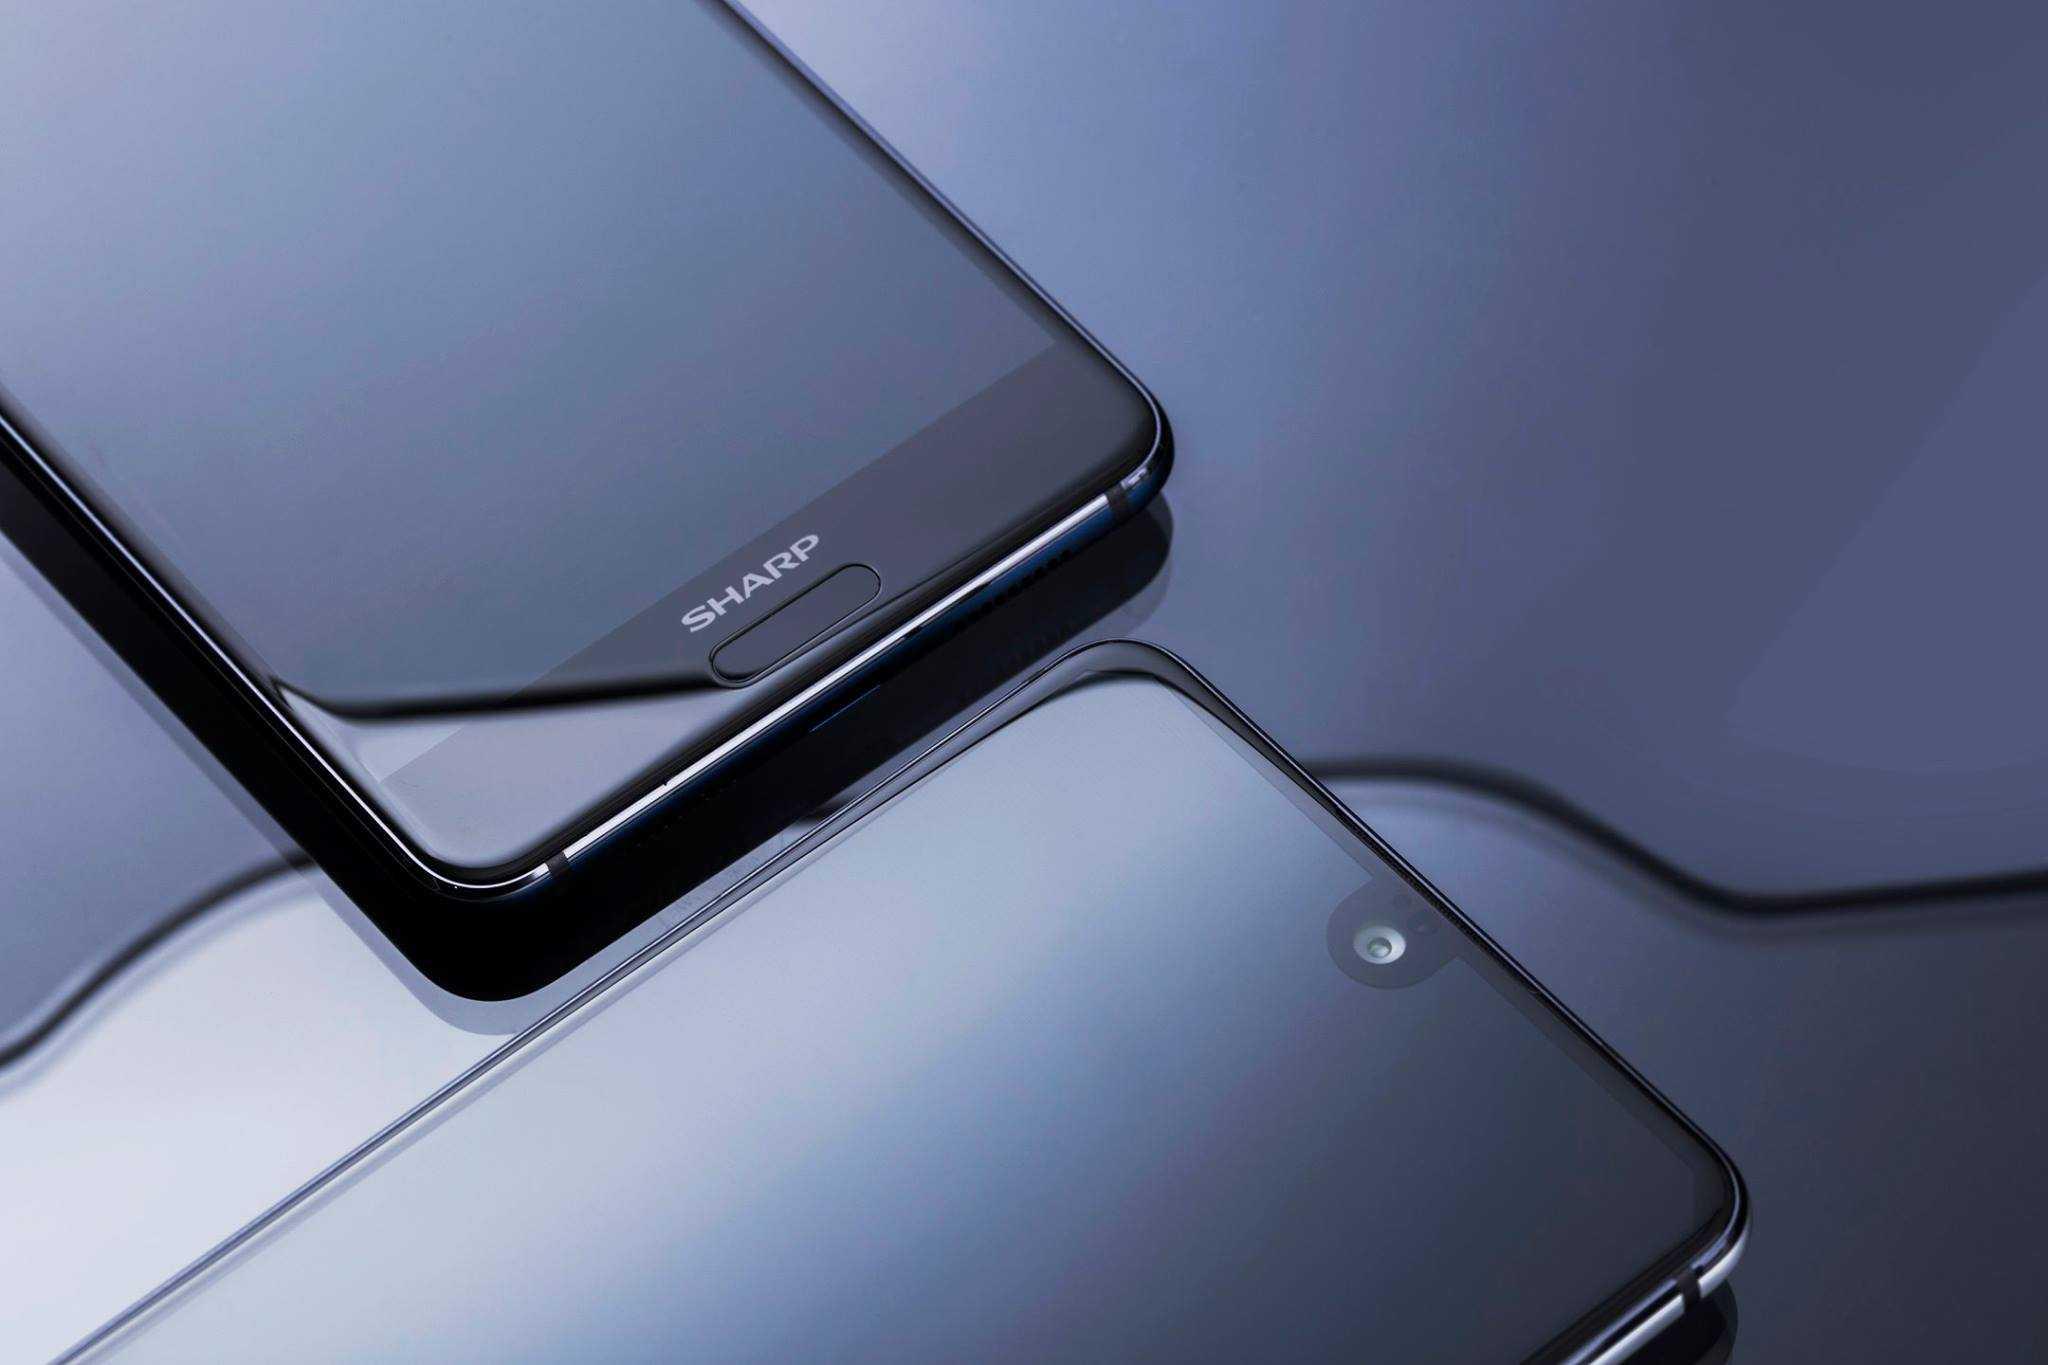 В мире смартфонов грядет революция – крупнейшие вендоры готовятся отказаться от американских чипов